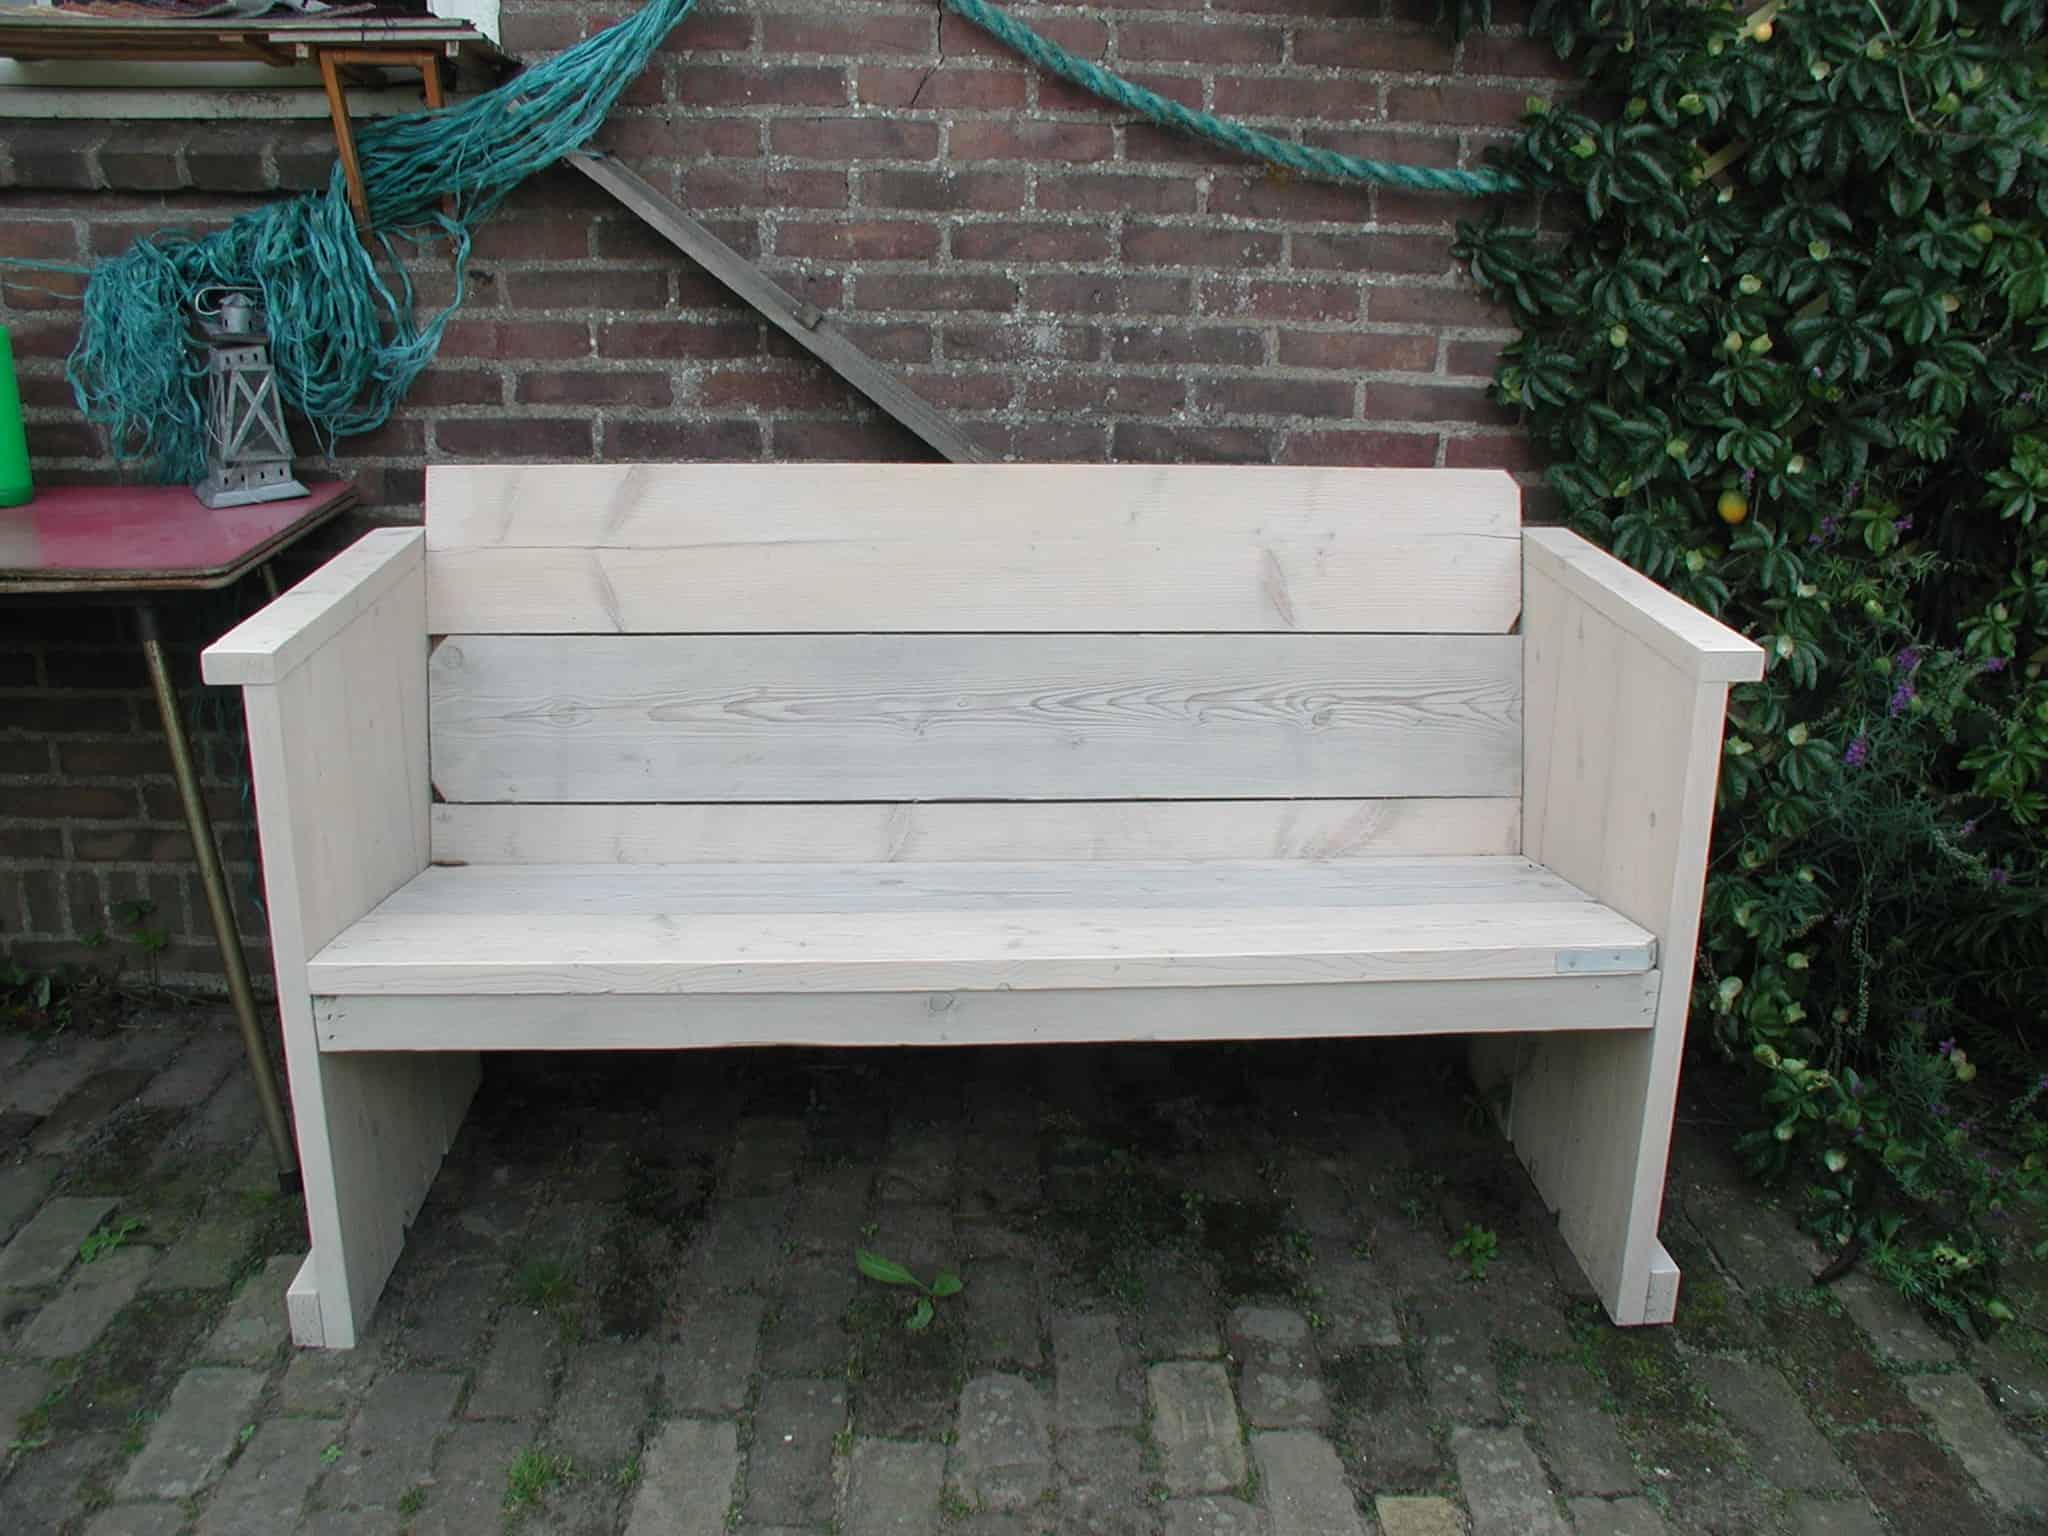 Steigerhout Verf Steigerhout Beits Steigerhout White Wash